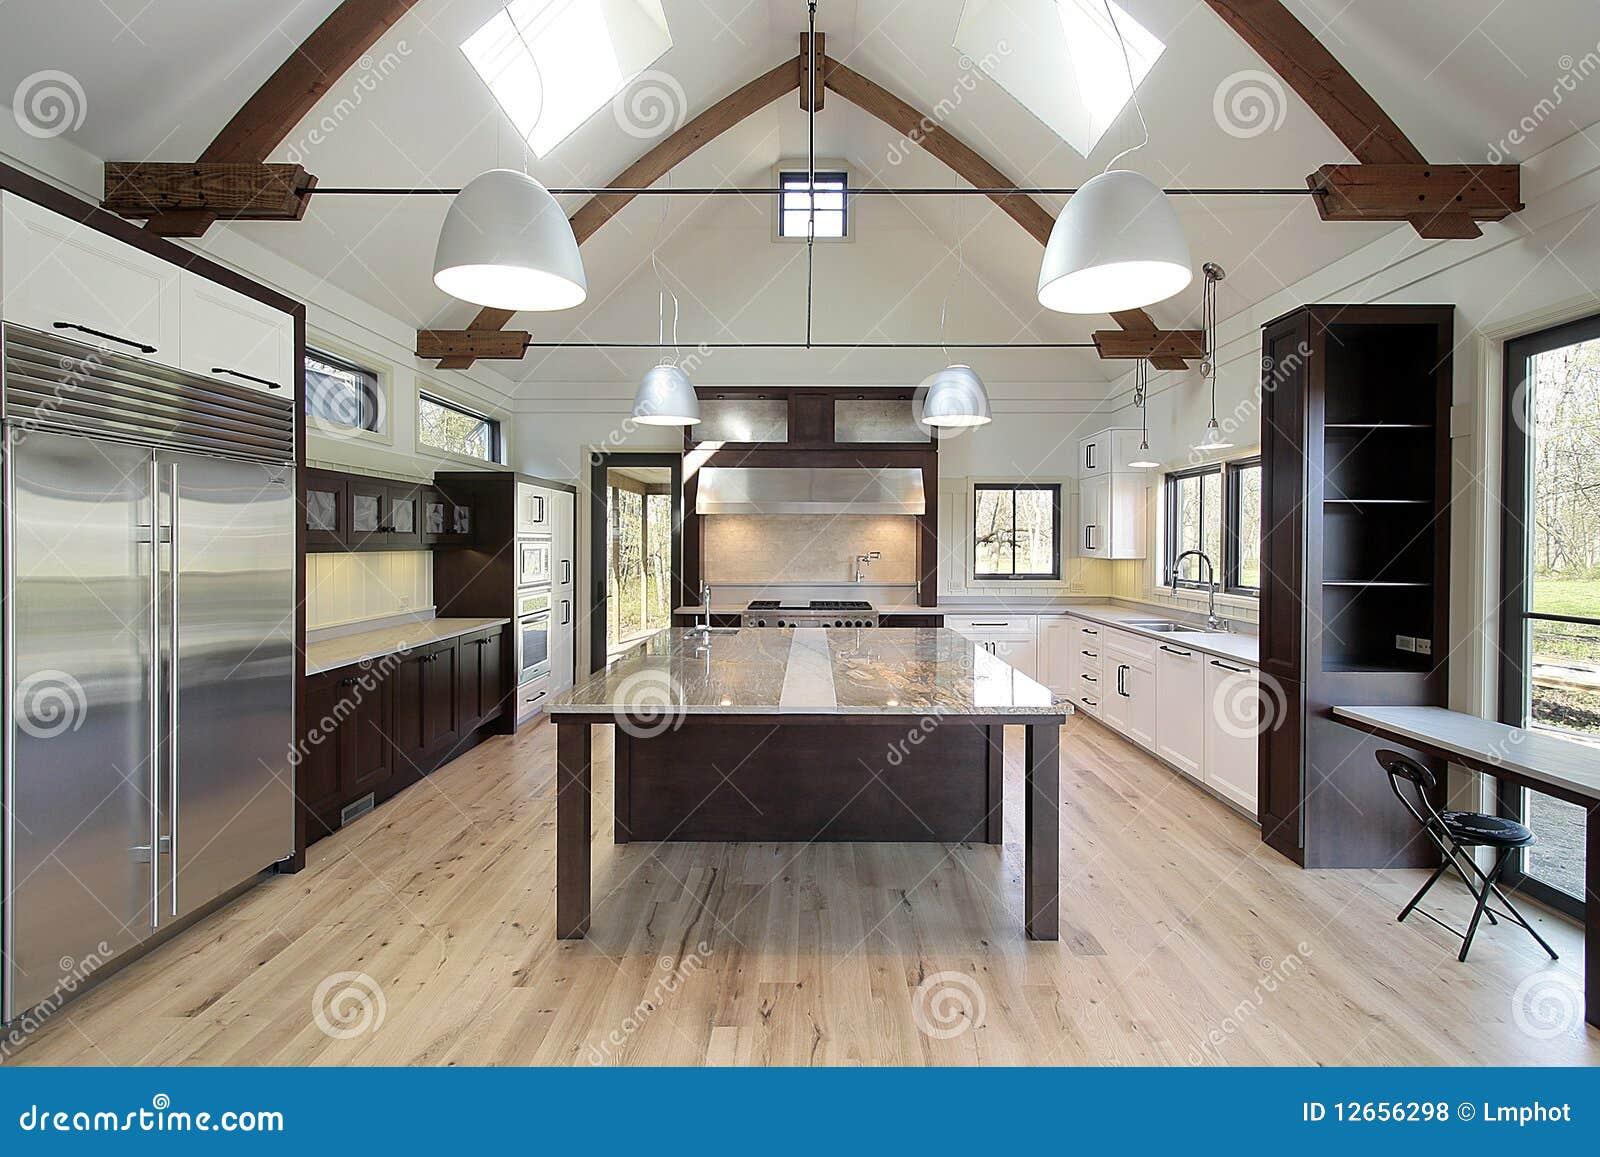 Cozinha Moderna Lustrosa Fotos de Stock Royalty Free Imagem  #82A328 1300 957